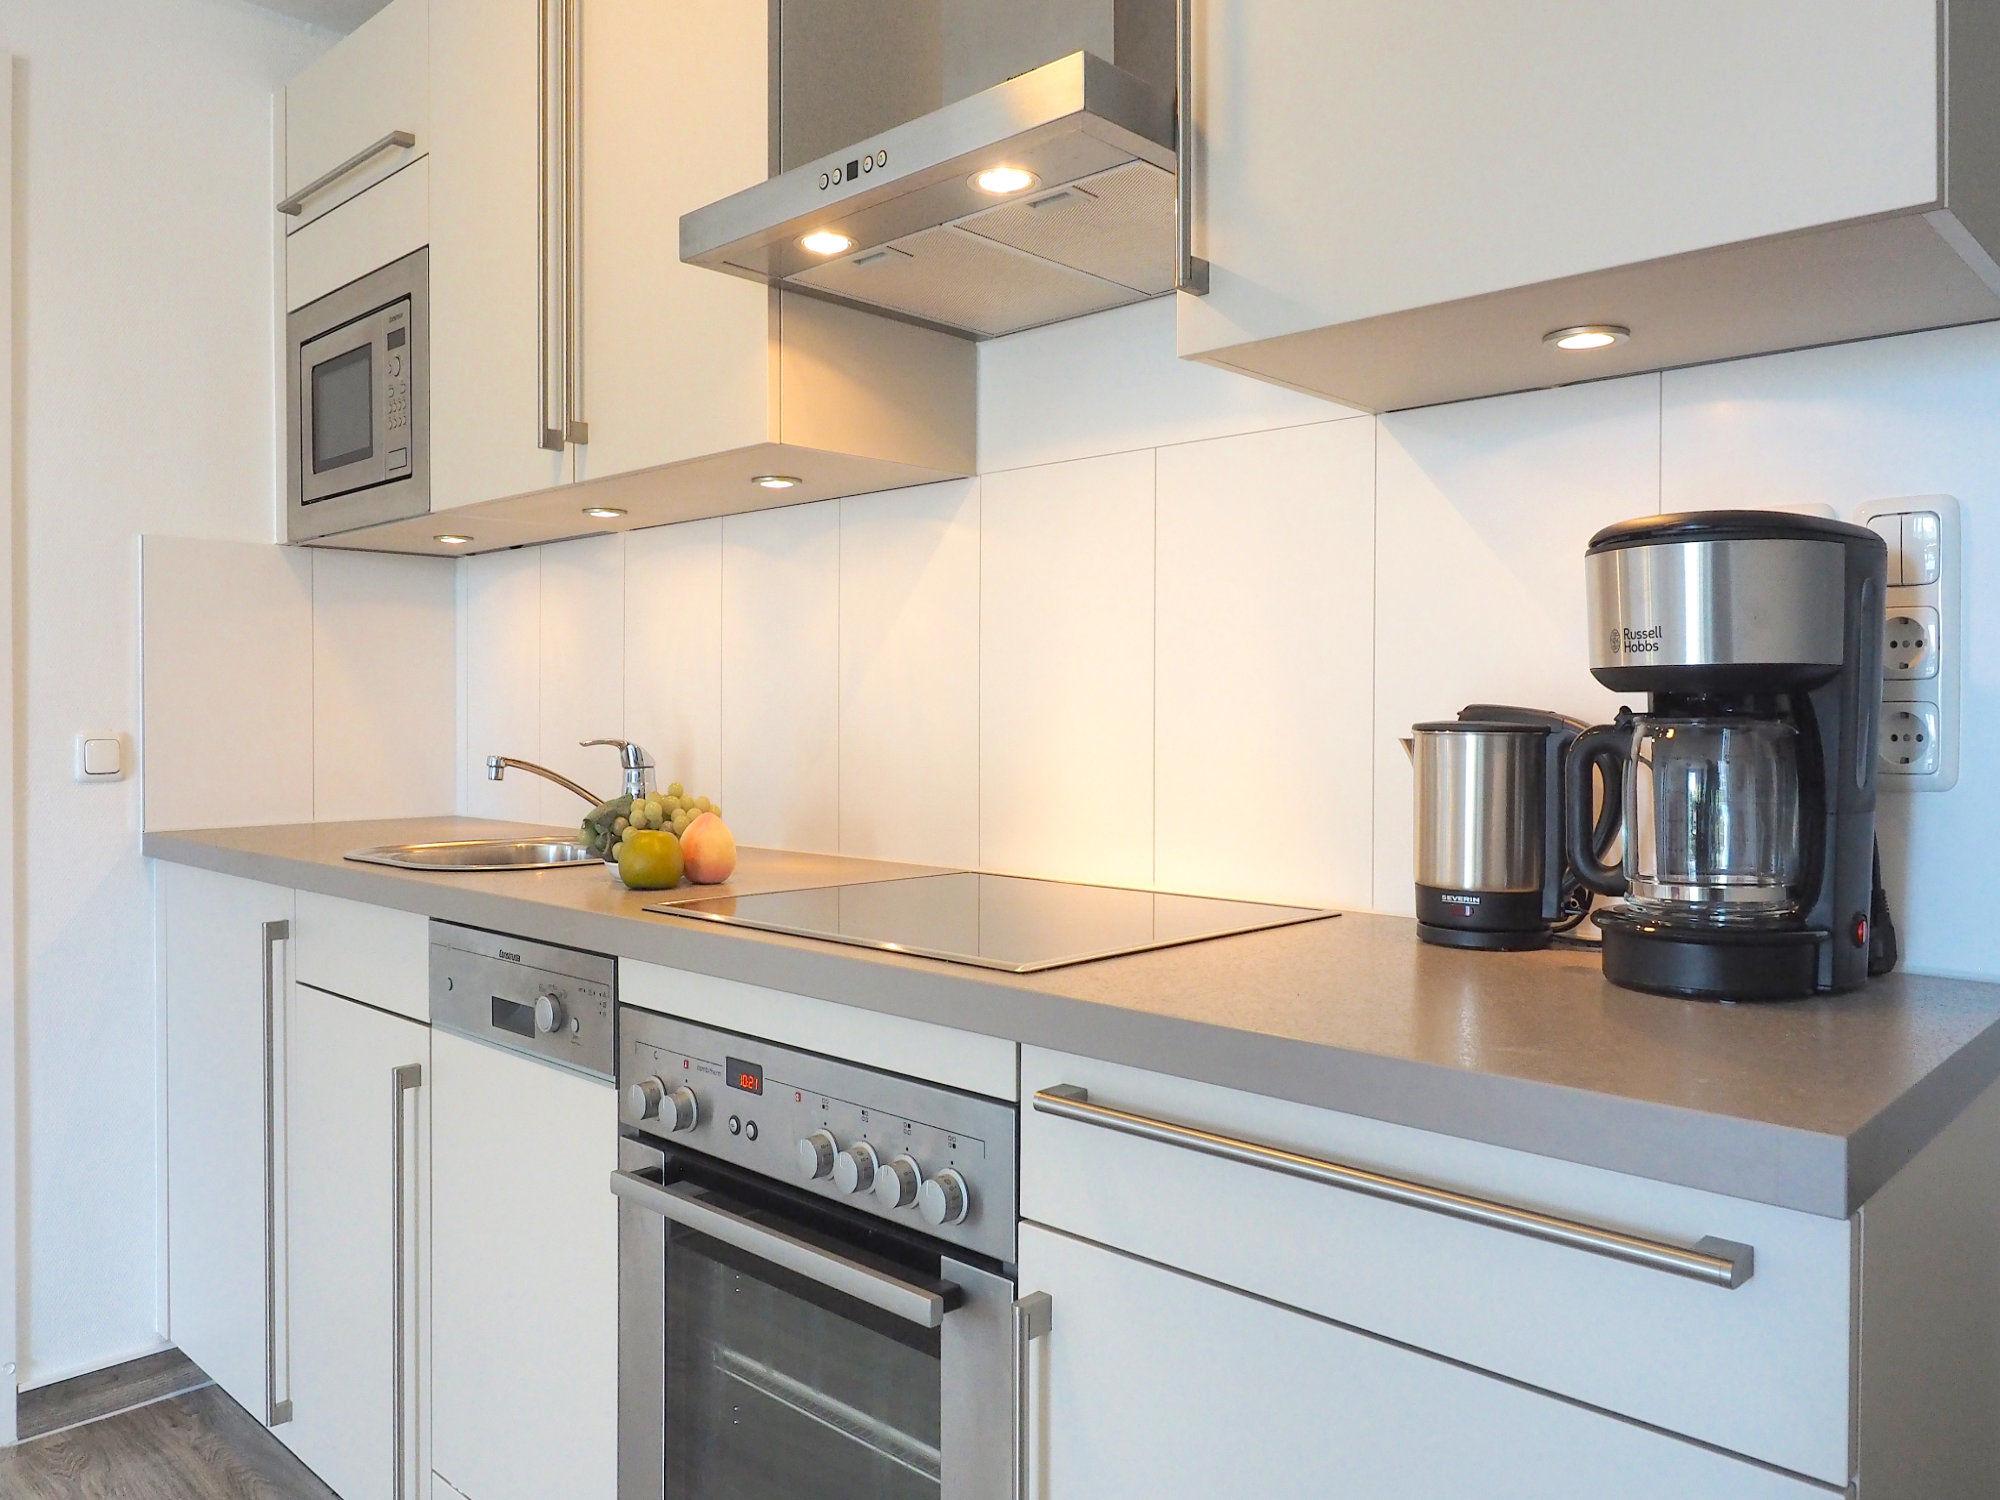 moderne Küchenzeile mit Backofen und Kaffeemaschine